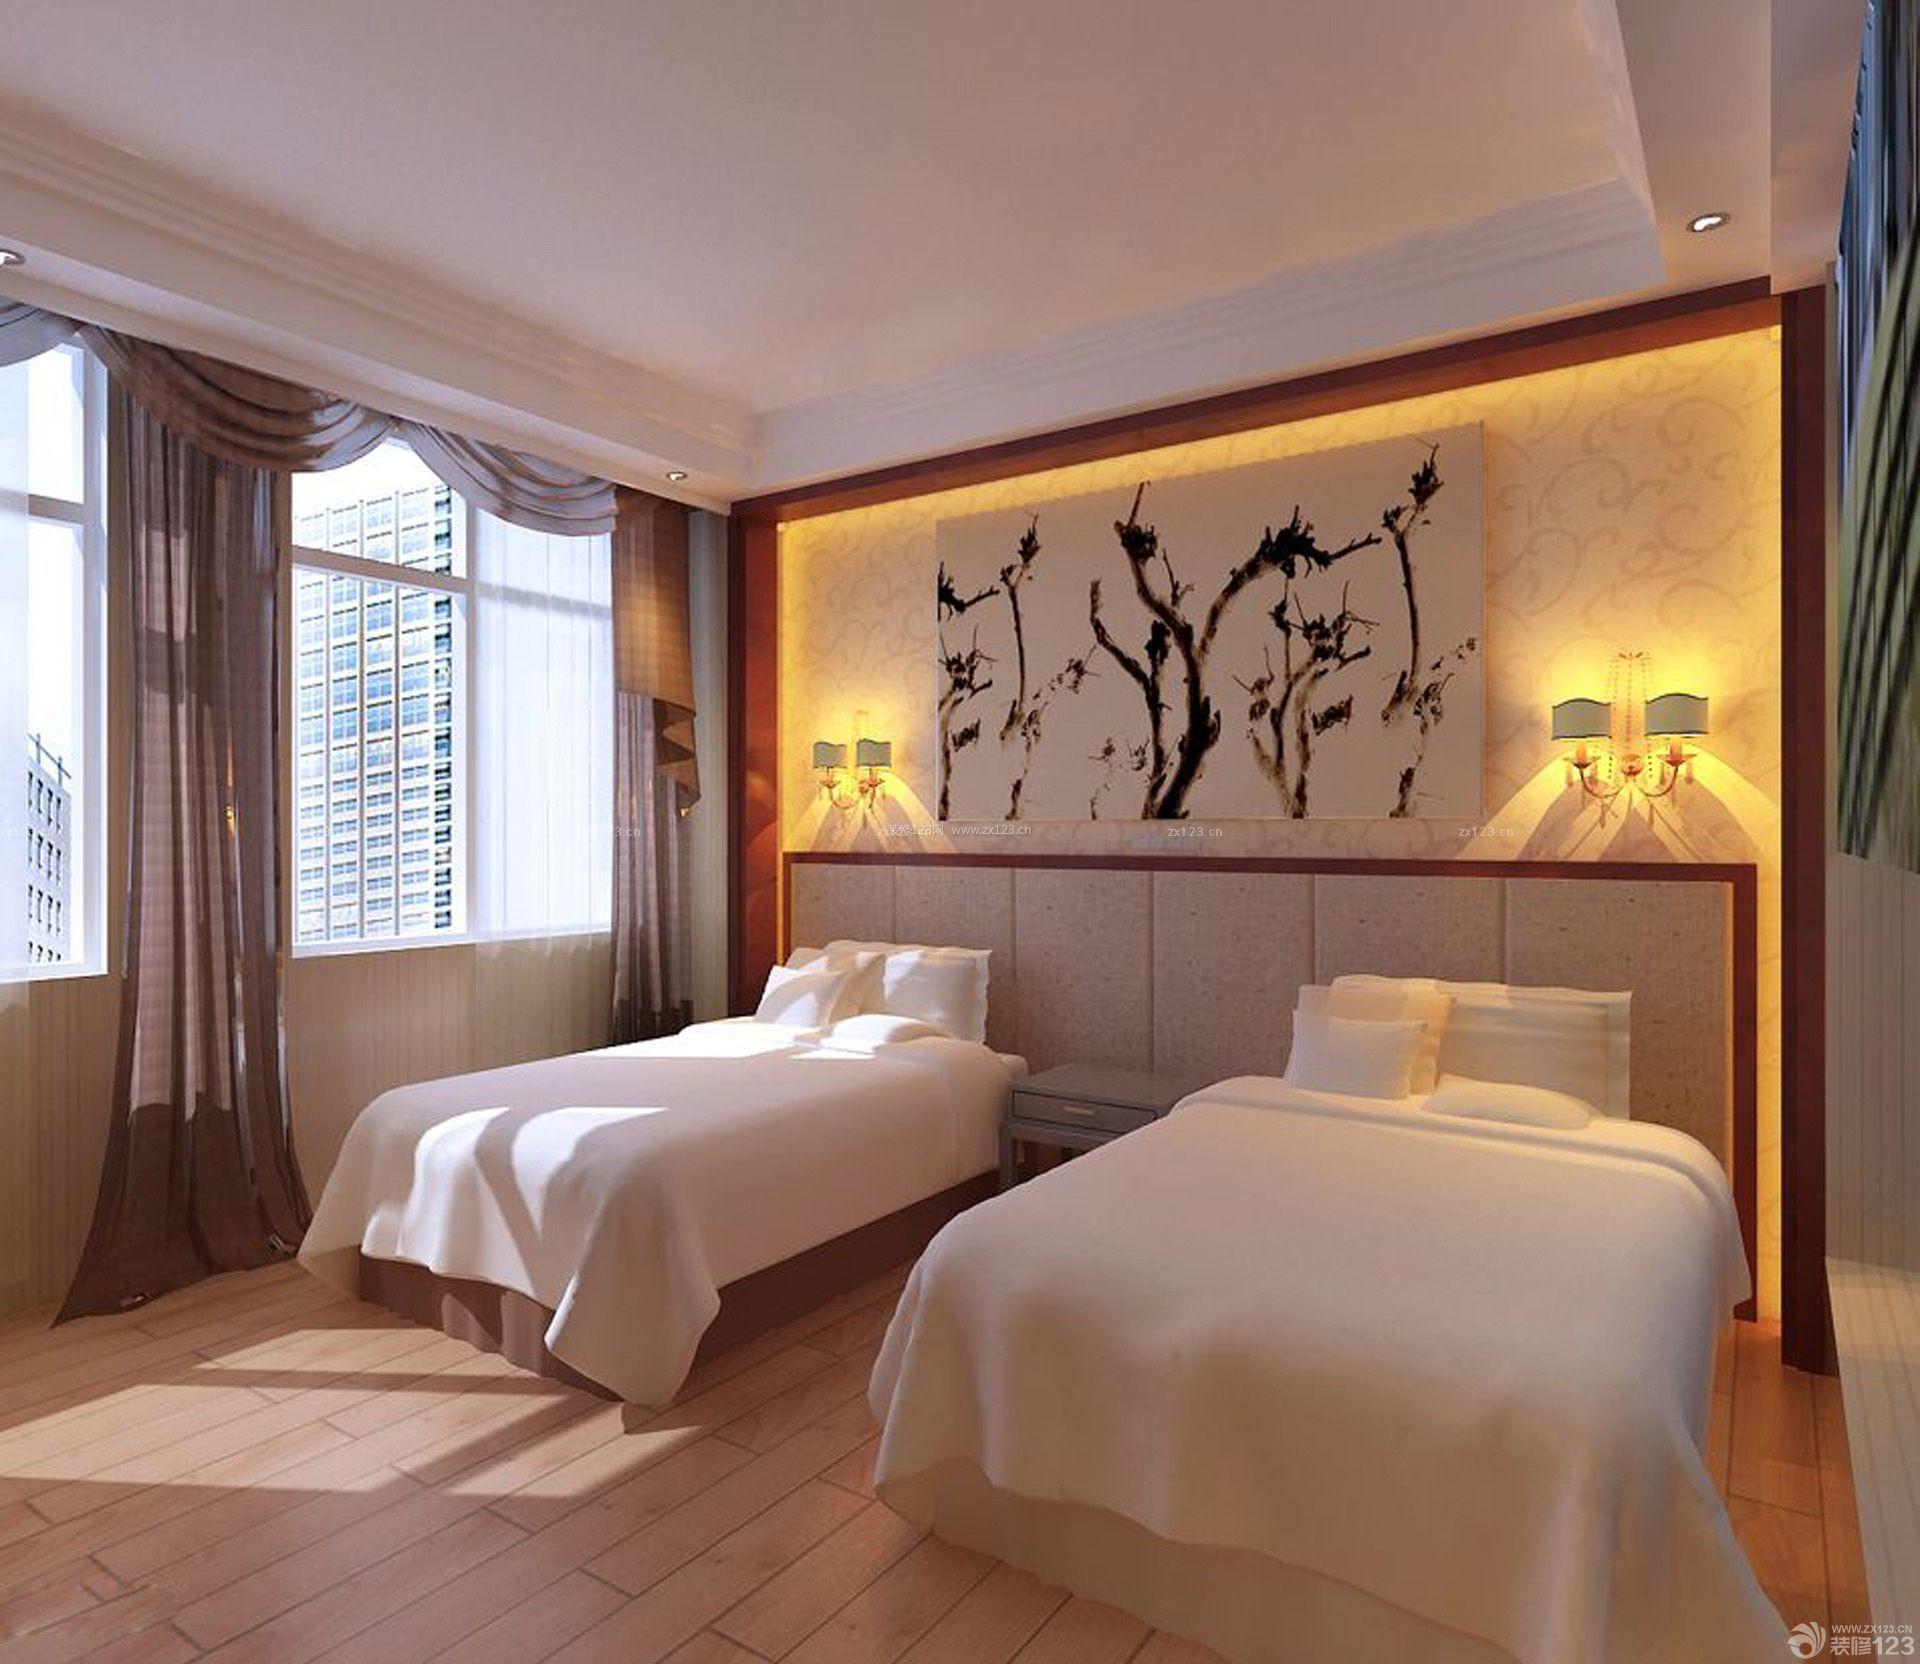 旅馆房间背景墙设计效果图